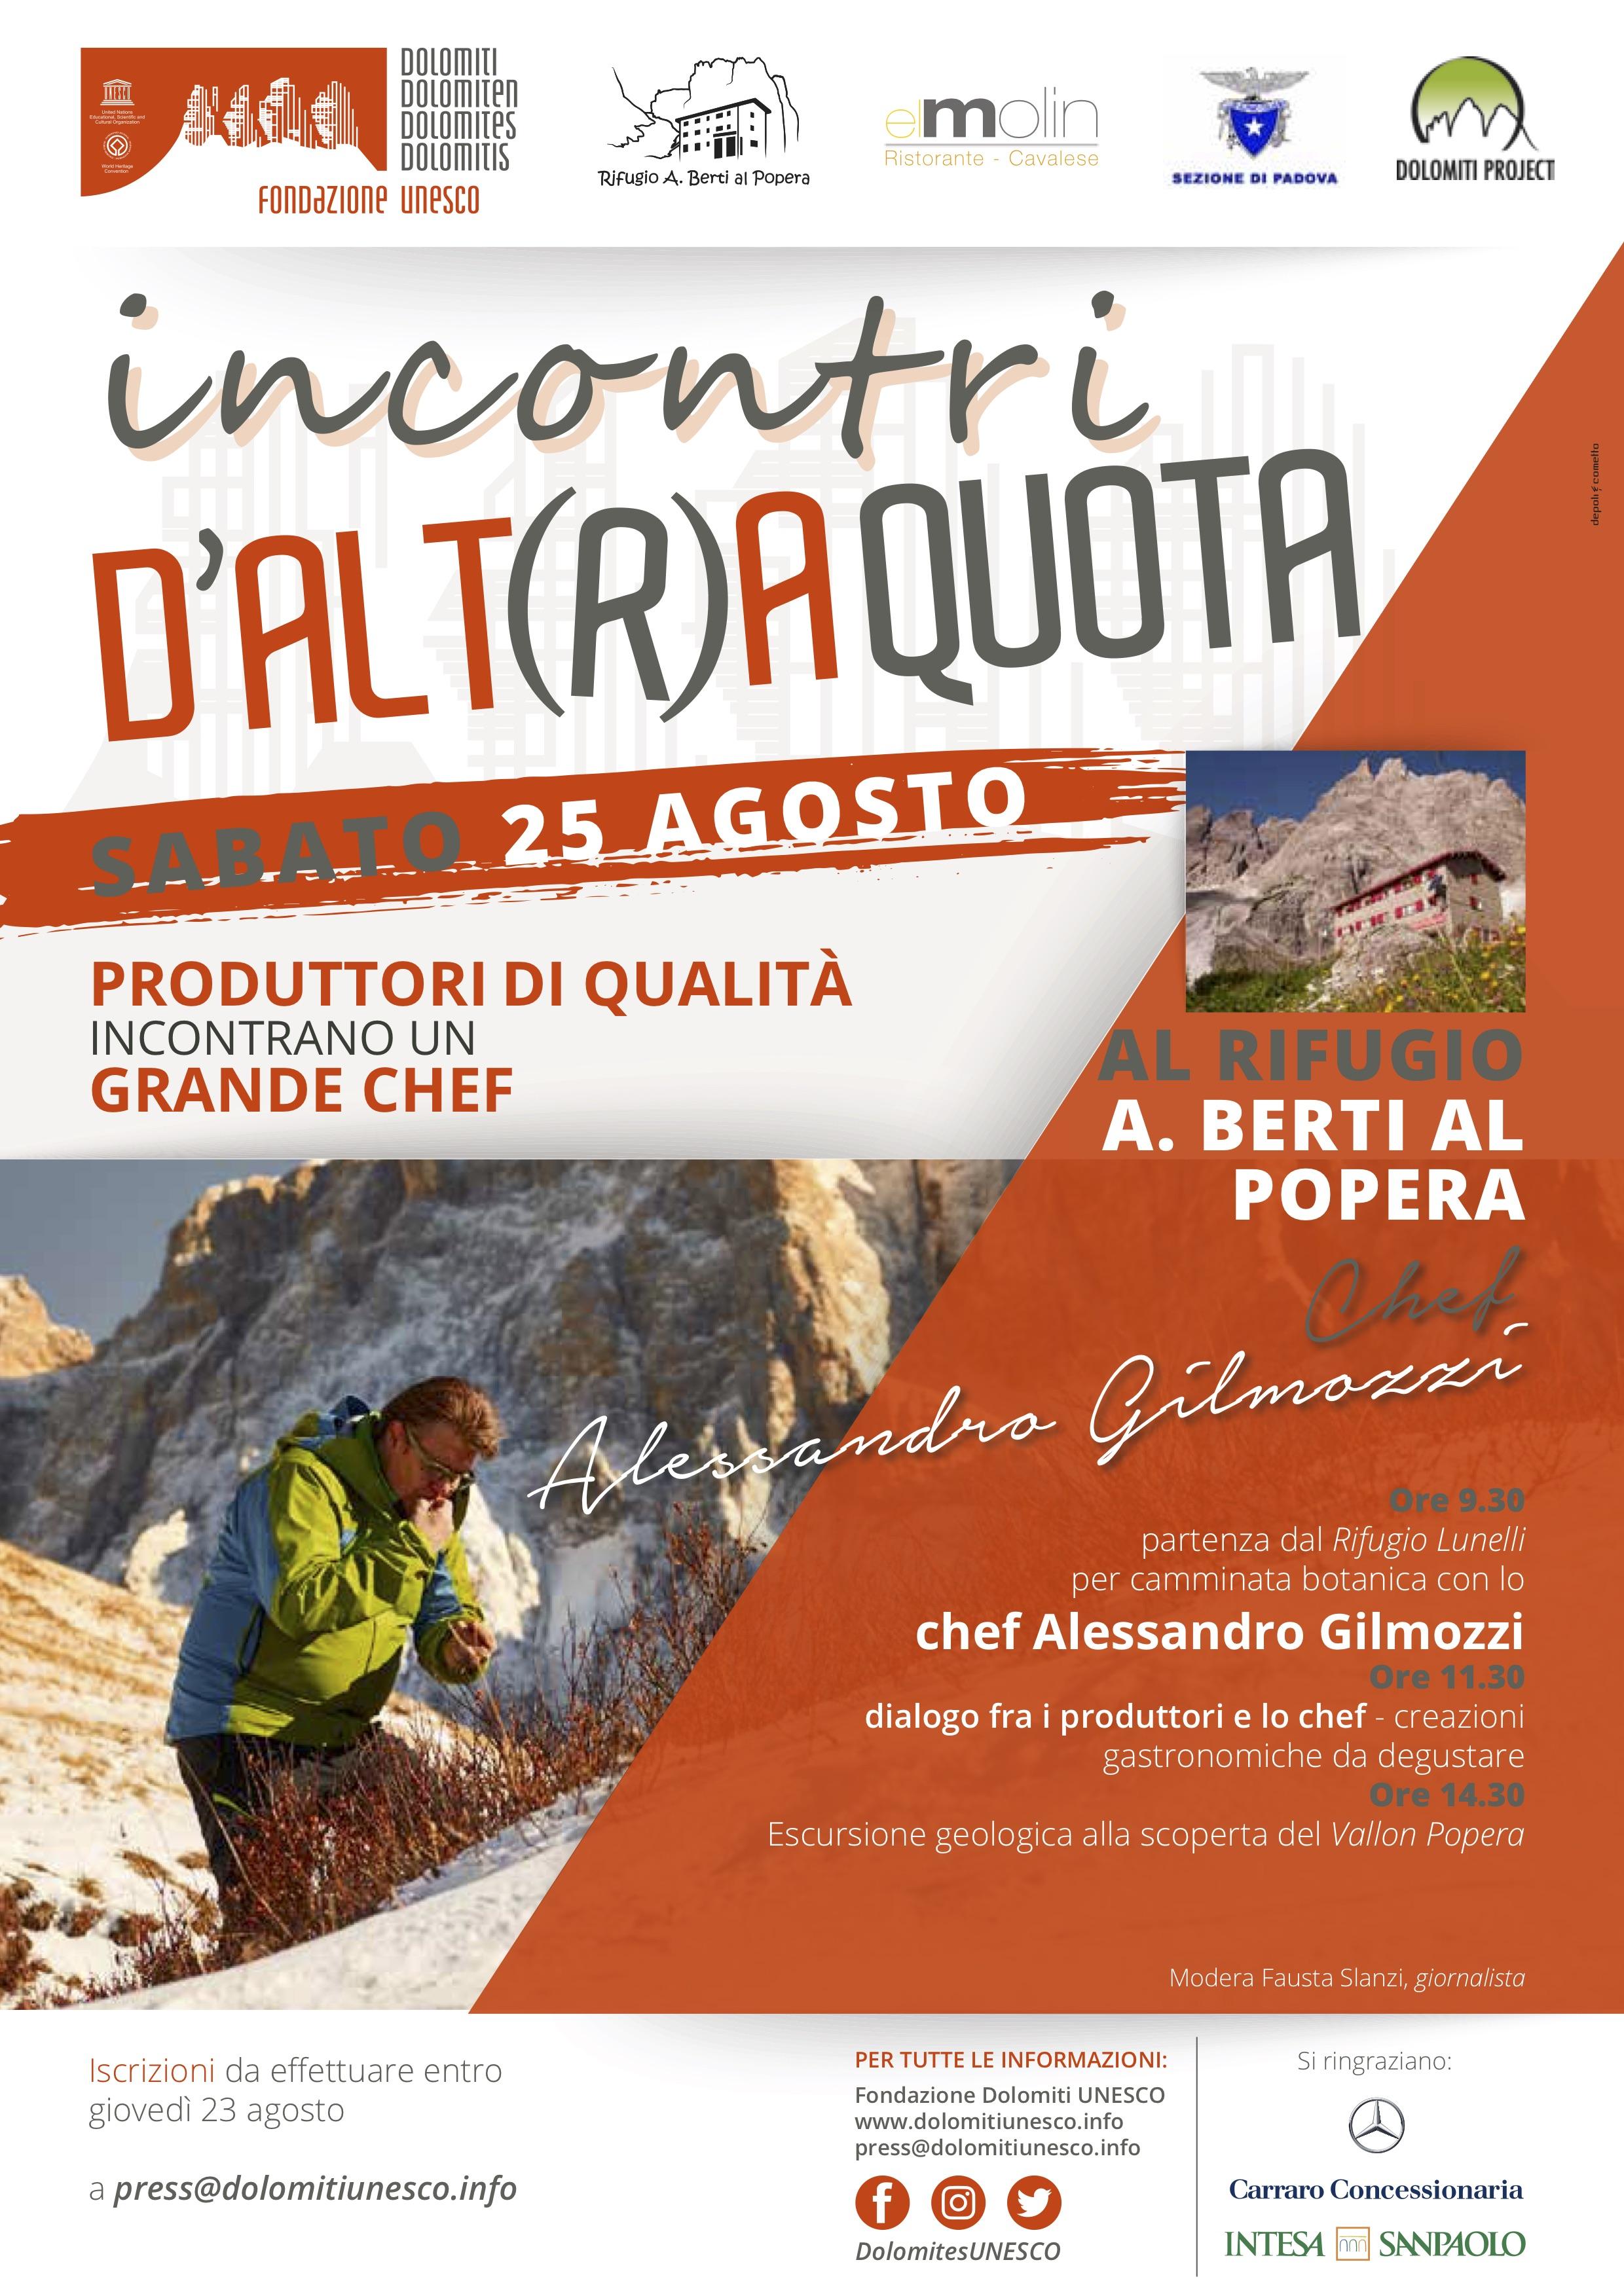 incontri_daltra_quota_rifugio_berti_dolomitI_UNESCO_20180713